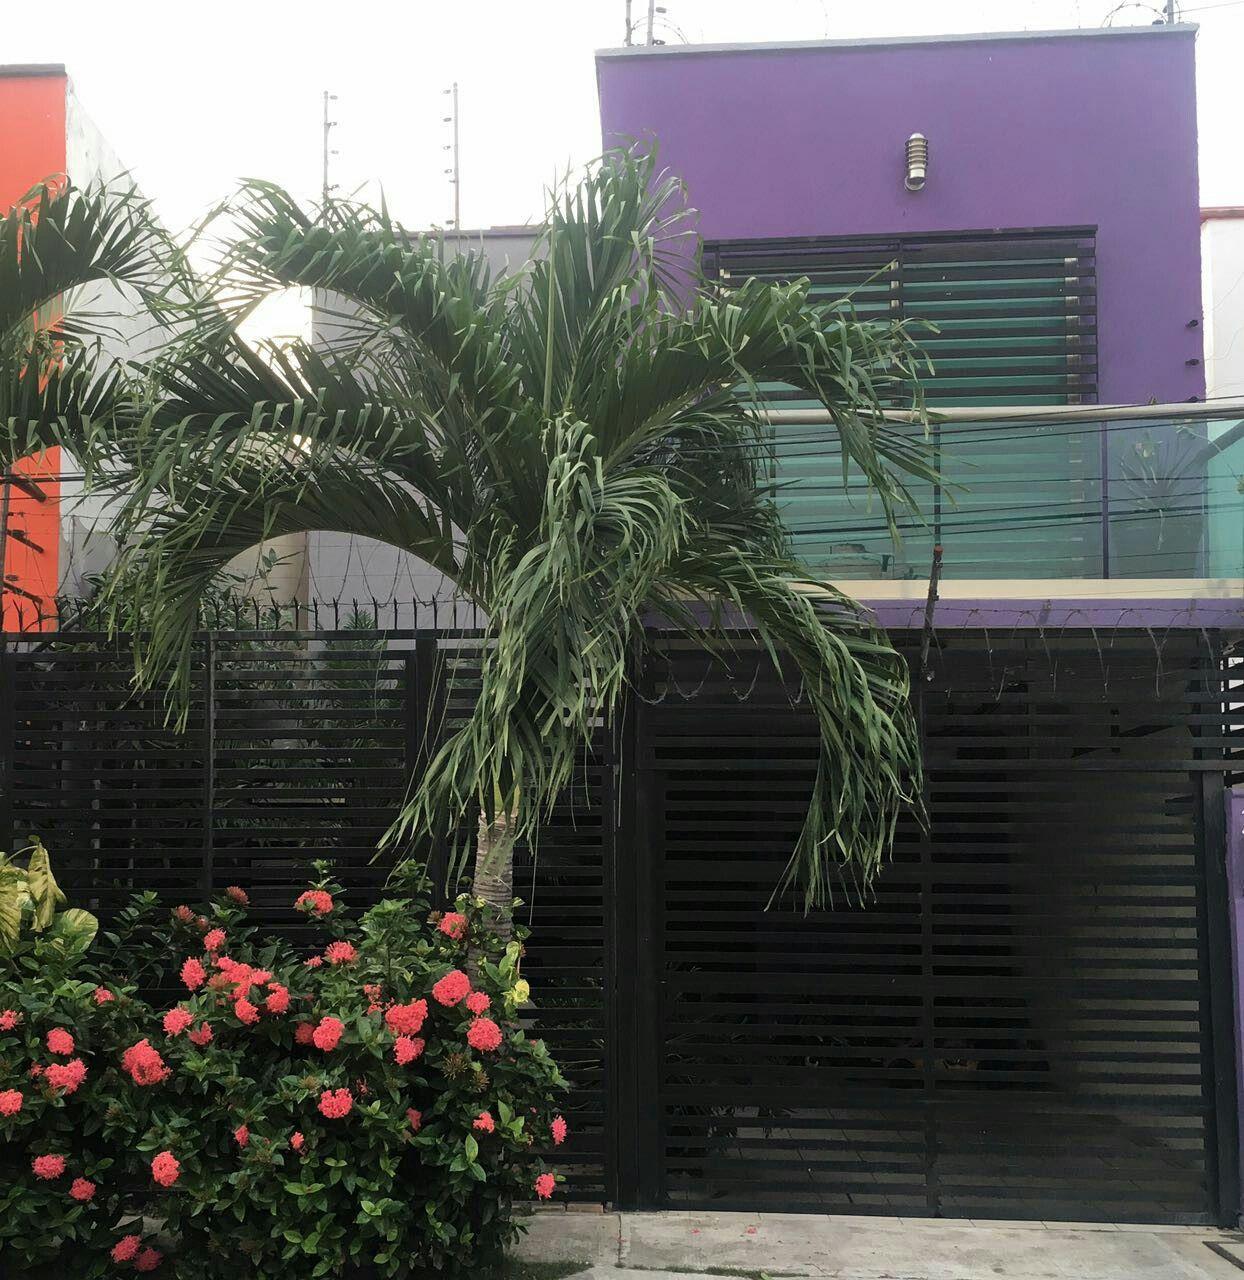 SE REMATA PROPIEDAD EN ESTRELLAS DE BUENAVISTA - 3 recámaras - 2.5 baños - Garaje con portón eléctrico -Bodega amplia $1,000,000 #AMPI